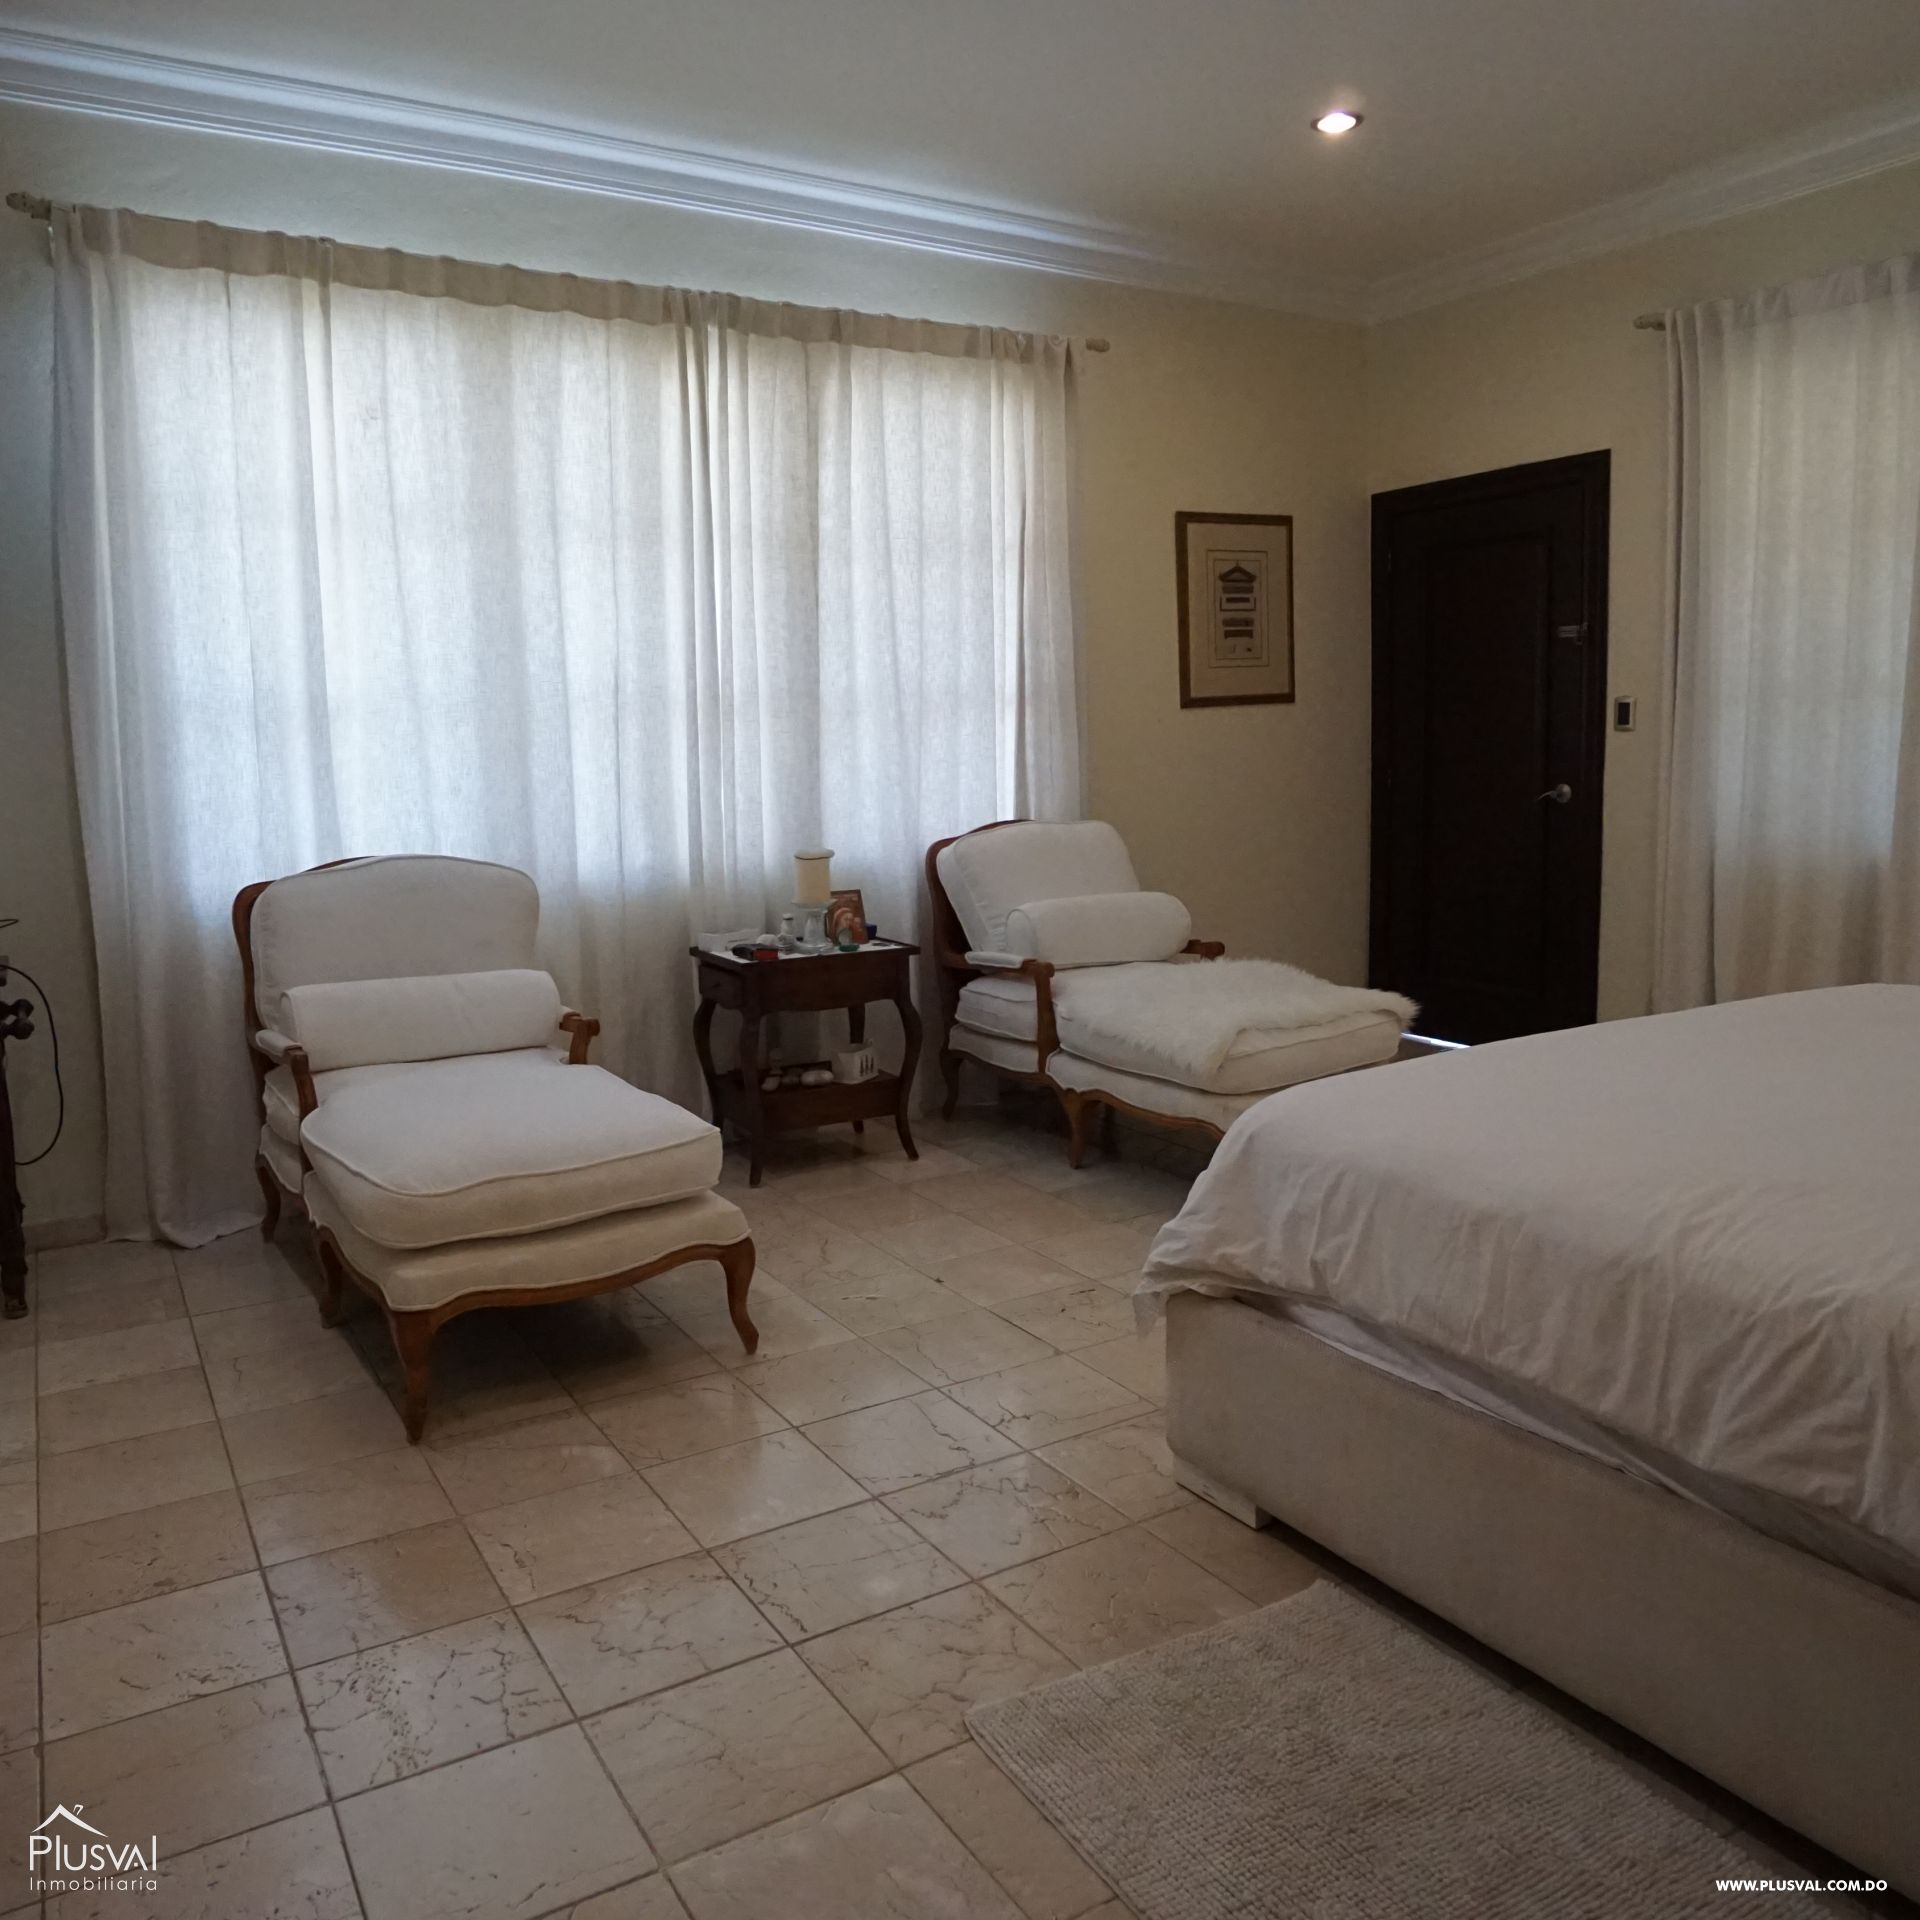 Casa de lujo en venta Arroyo Hondo Viejo 165351